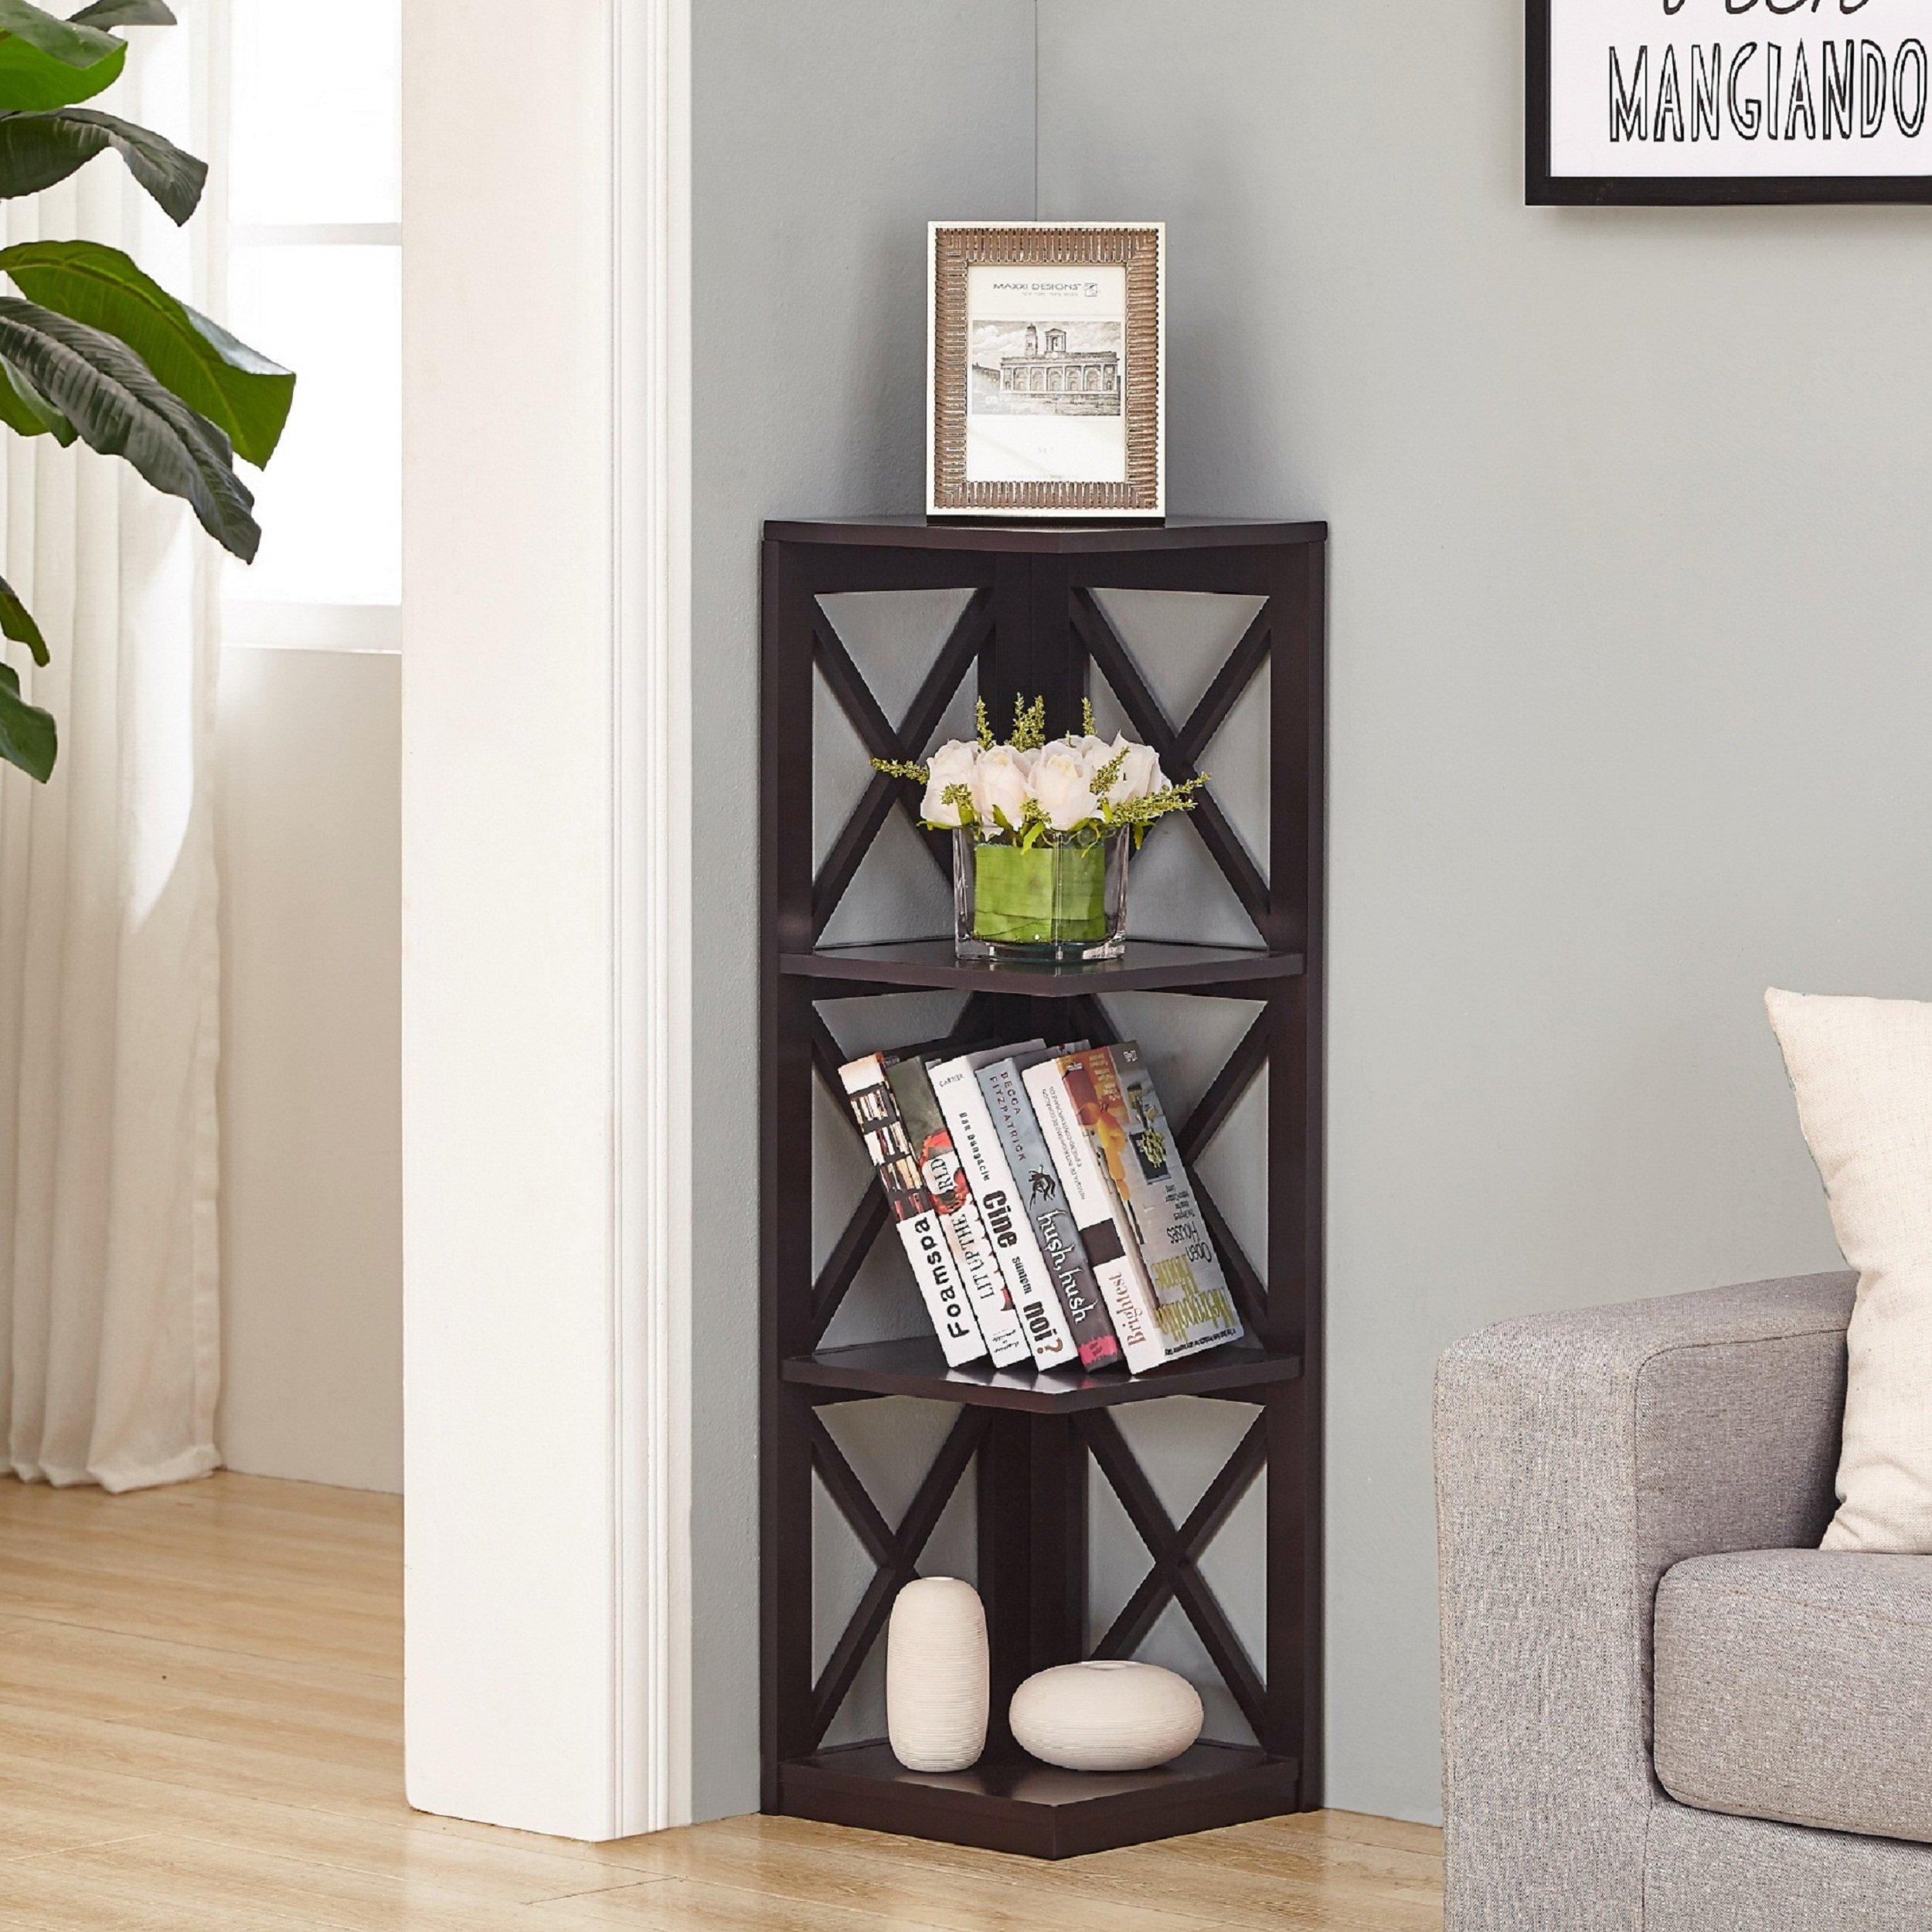 Espresso Finish 4-tier Corner Bookshelf with X-Design